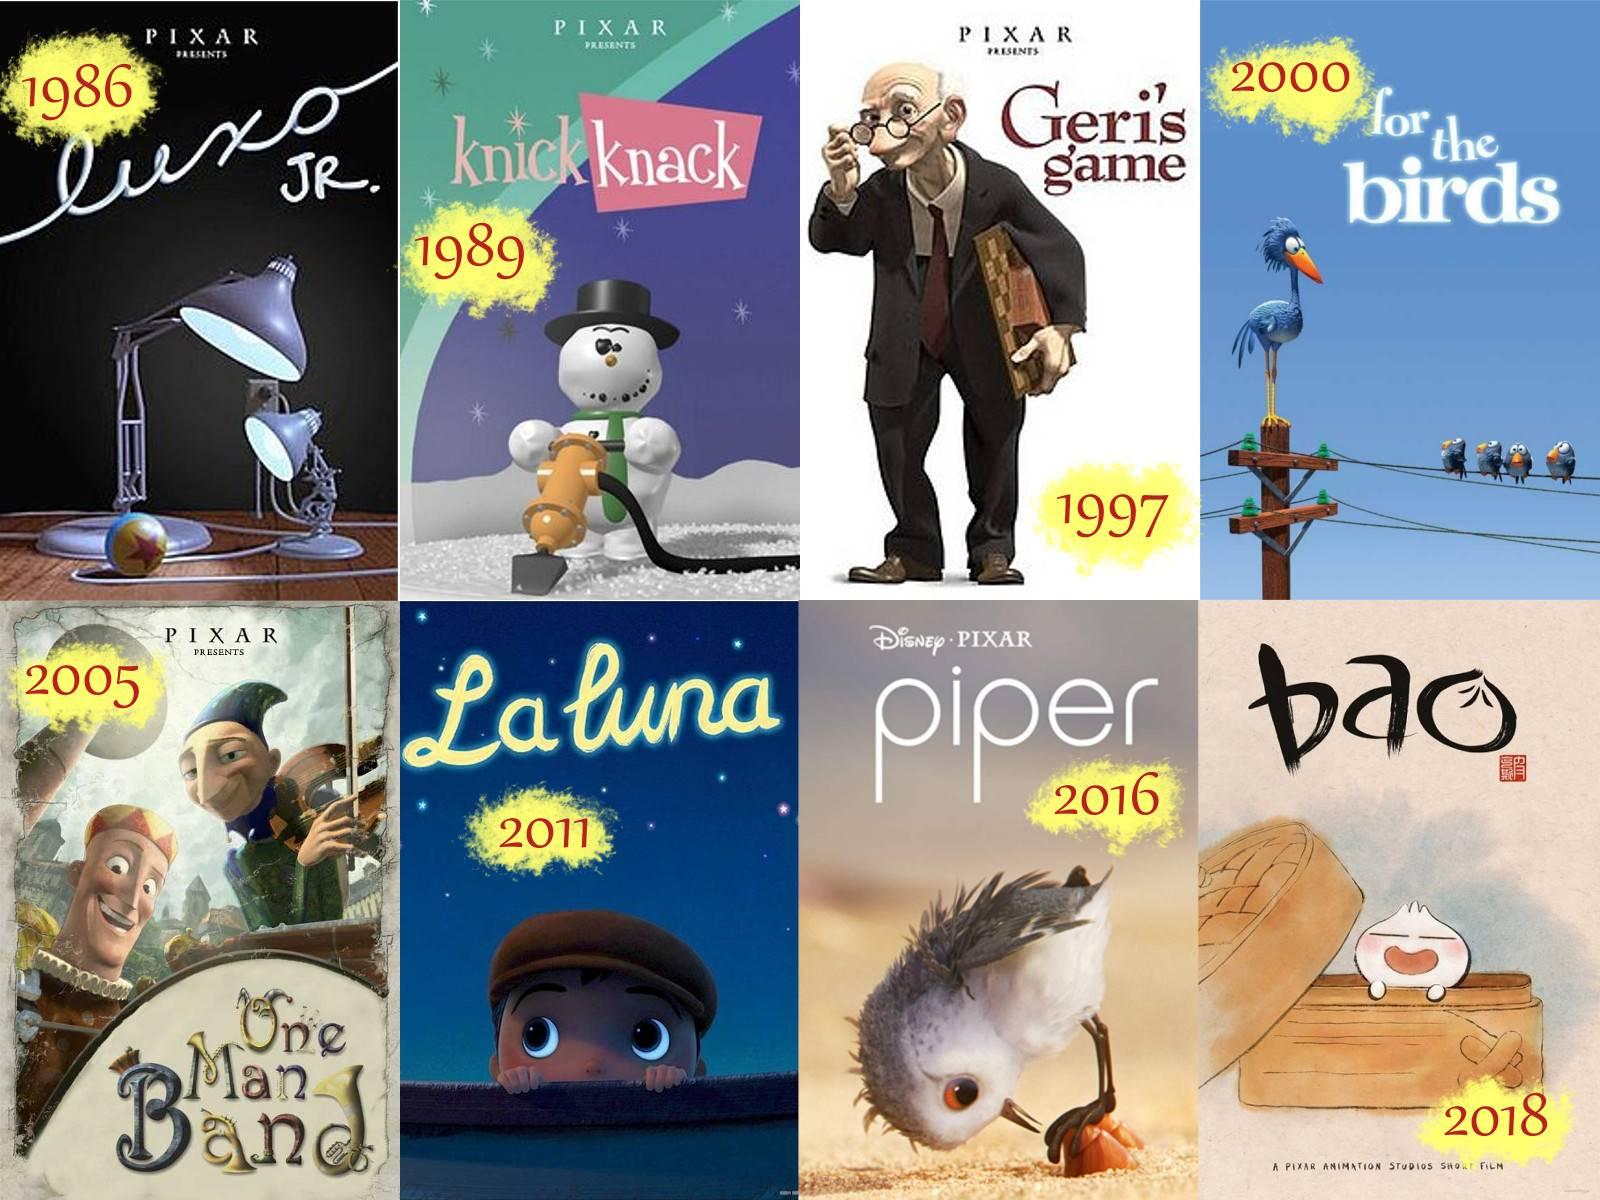 Raccolta di otto poster di alcuni corti Pixar con relativa data di uscita.